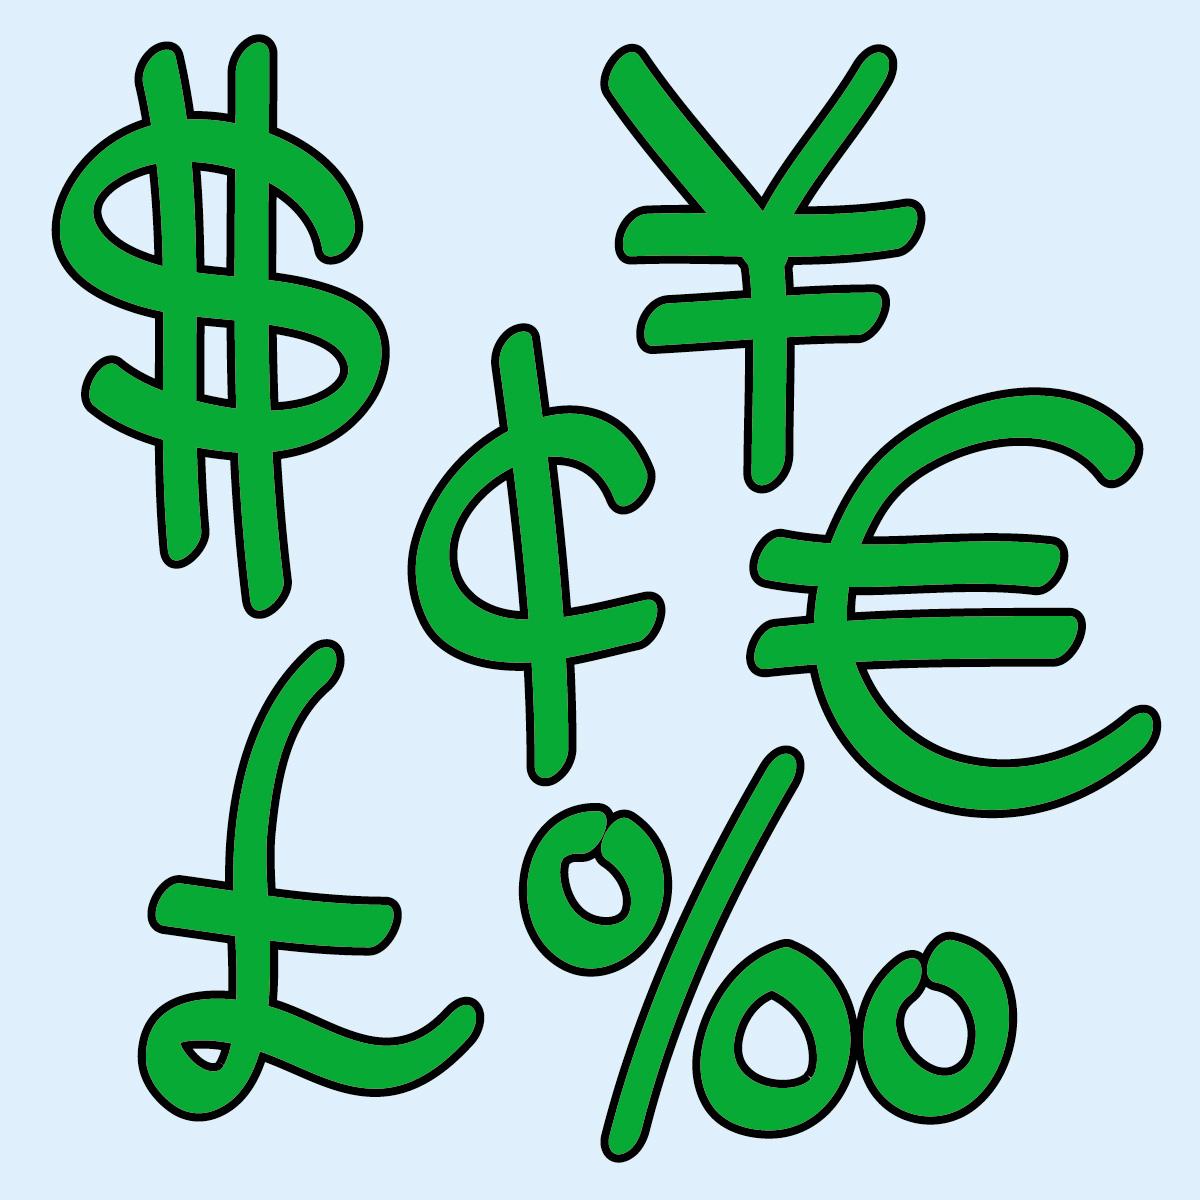 Bank symbols clipart clip art transparent download Clip Art: Currency Symbols 1 | Clipart Panda - Free Clipart Images clip art transparent download